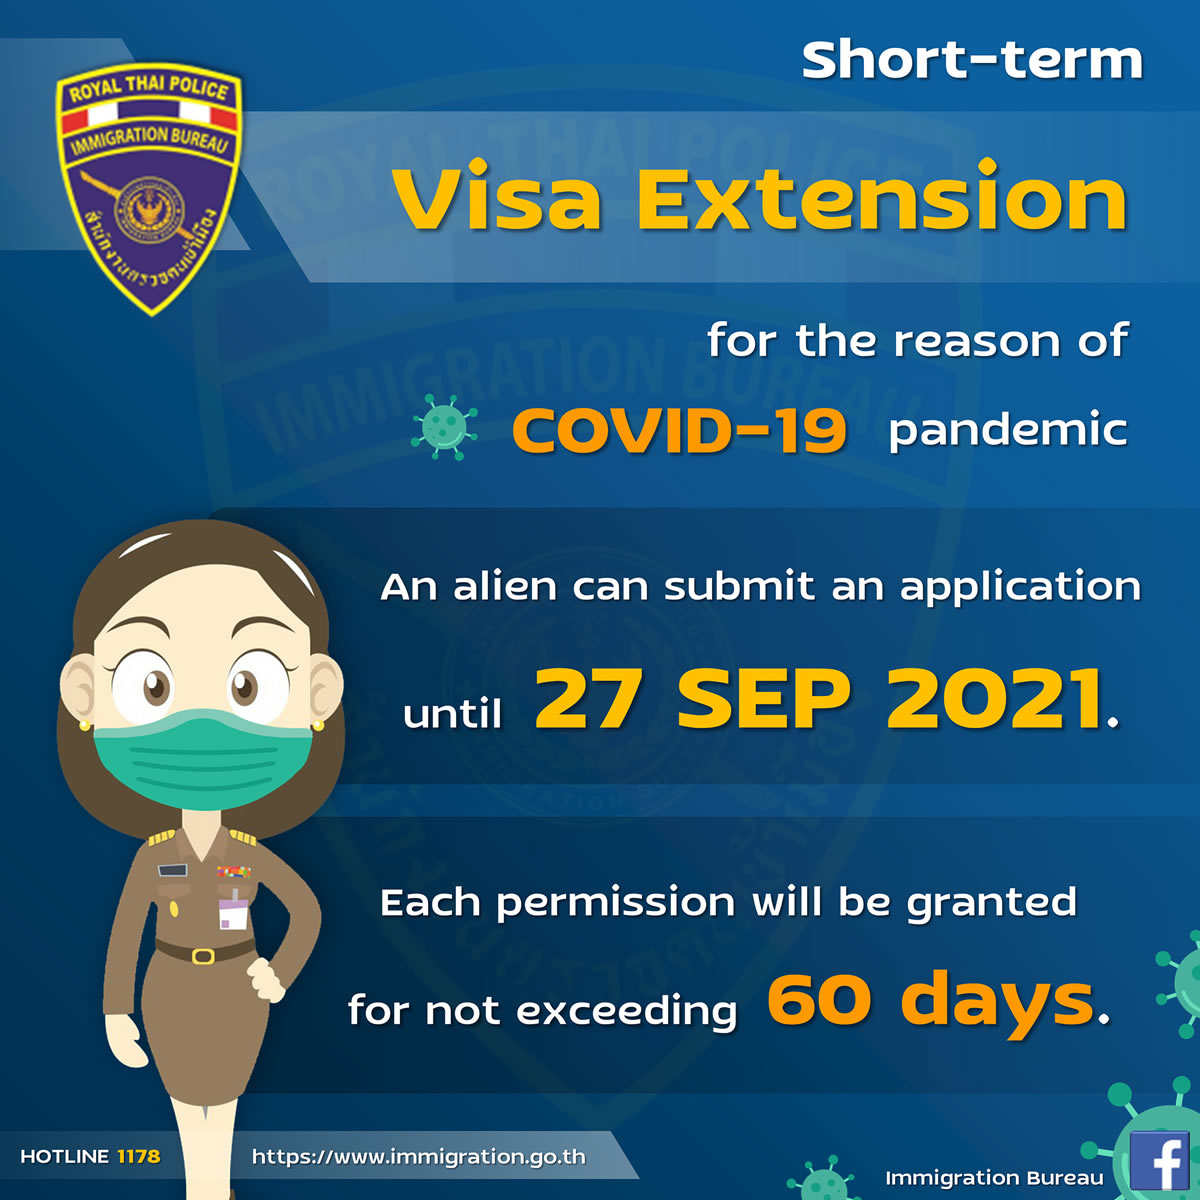 タイから帰国できない外国人は2021年9月27日まで滞在延長の手続き可